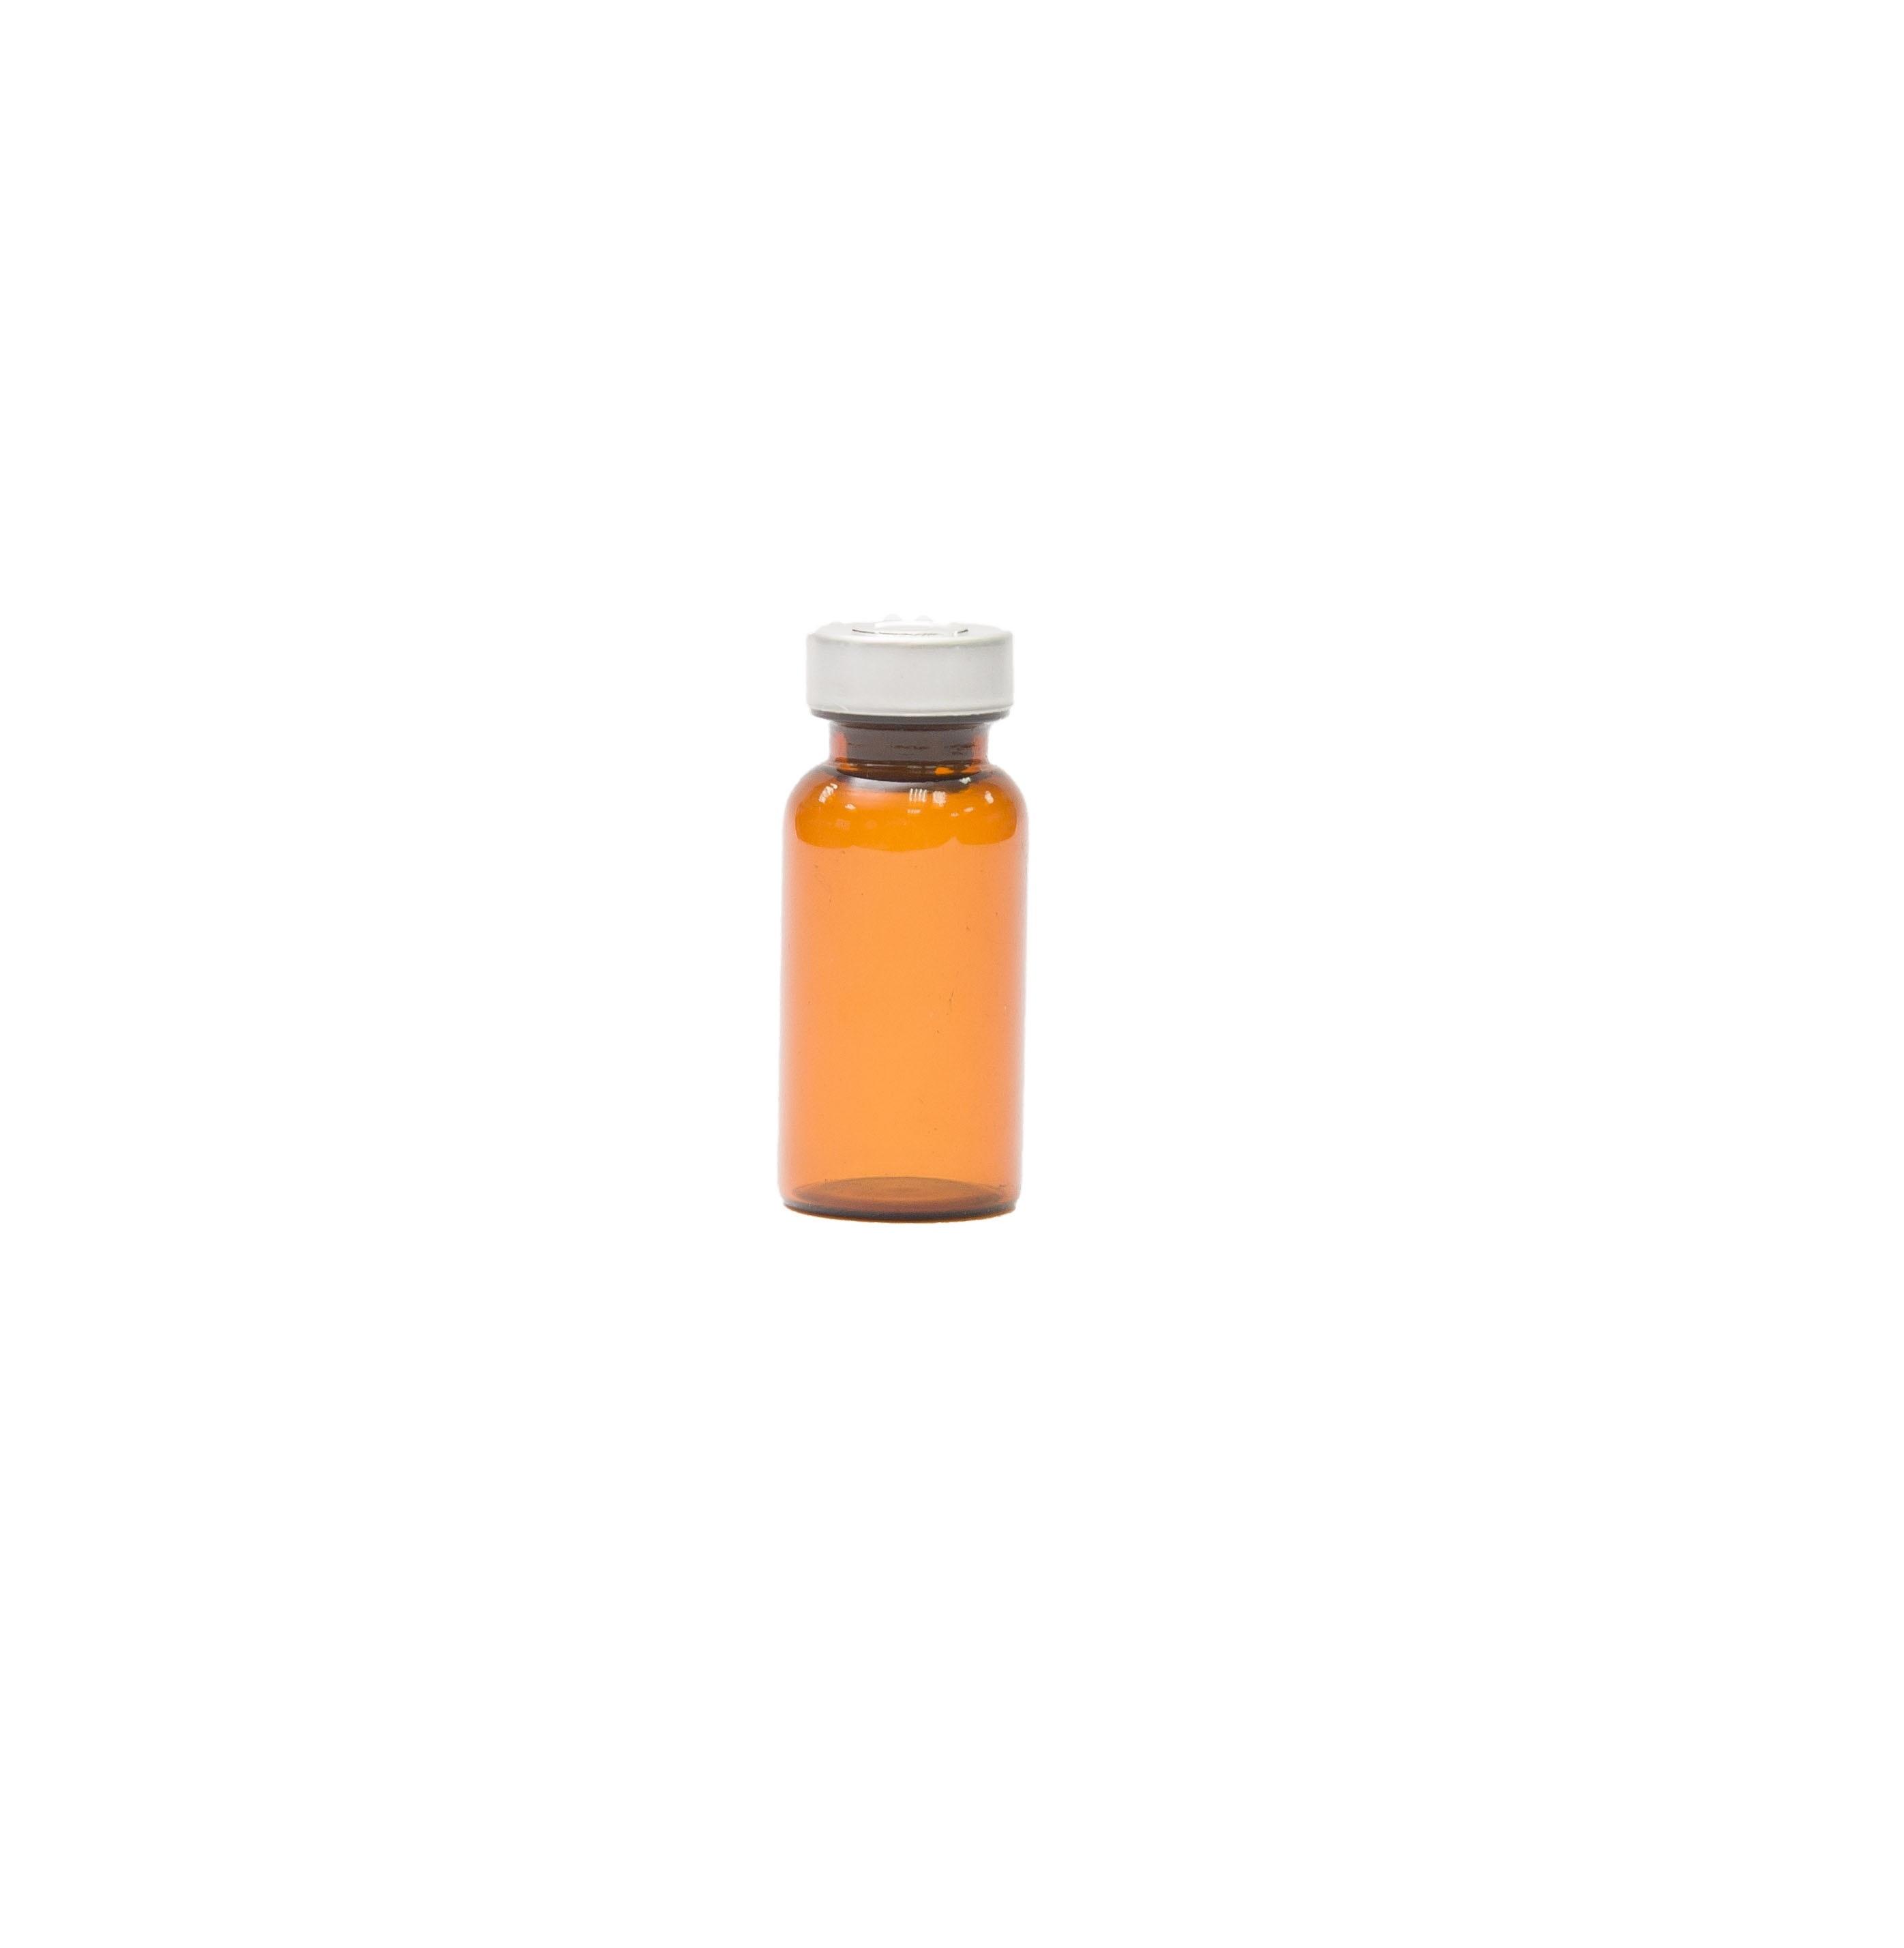 10C.C 西林瓶 附橡皮塞及鋁蓋產品圖-1